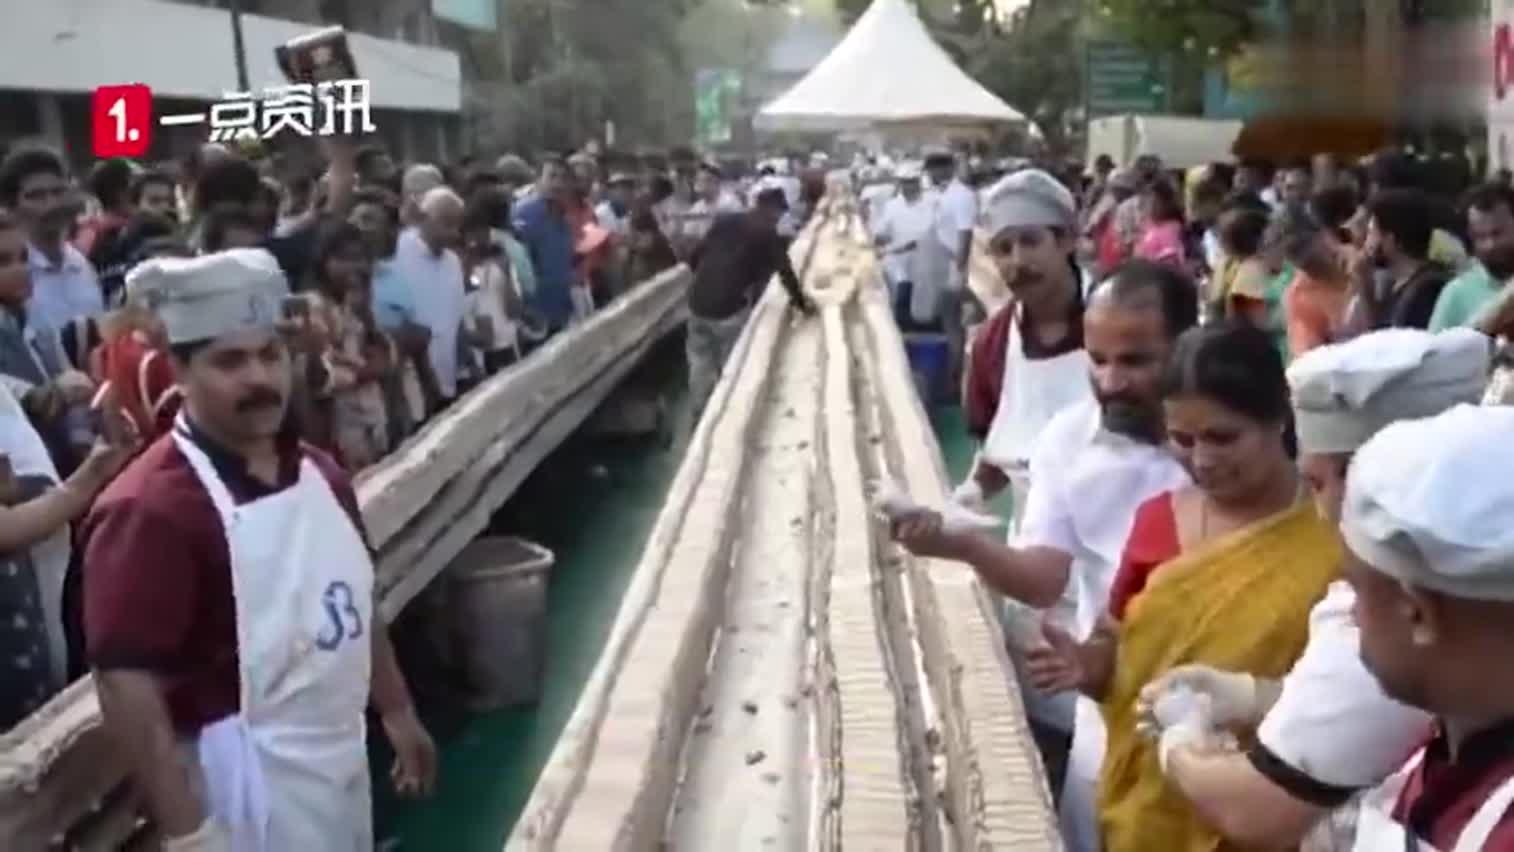 视频-印度打造世界最长蛋糕 长达6500米